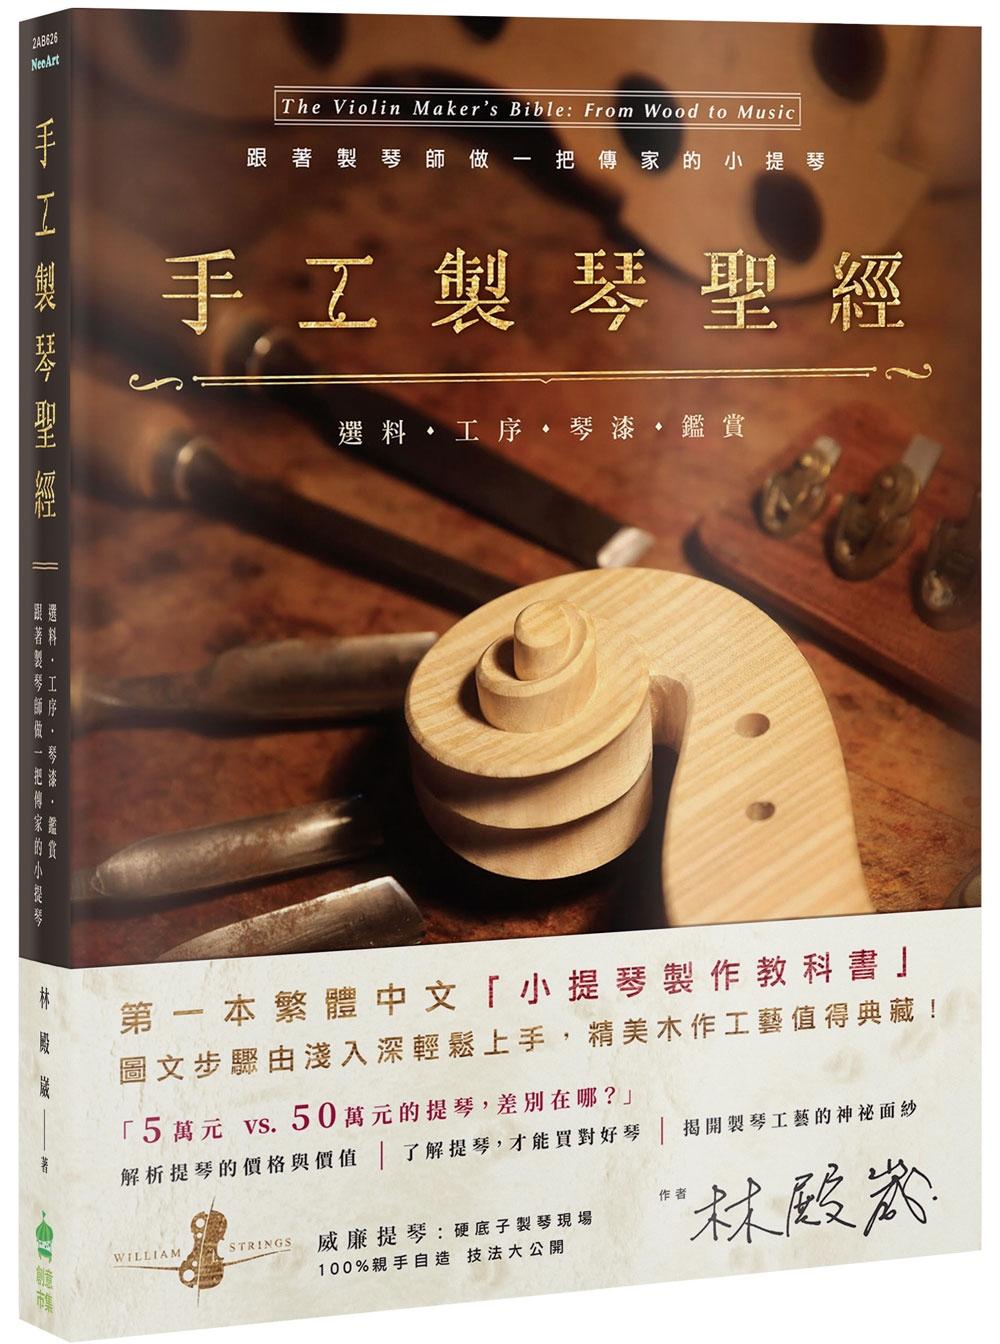 手工製琴聖經